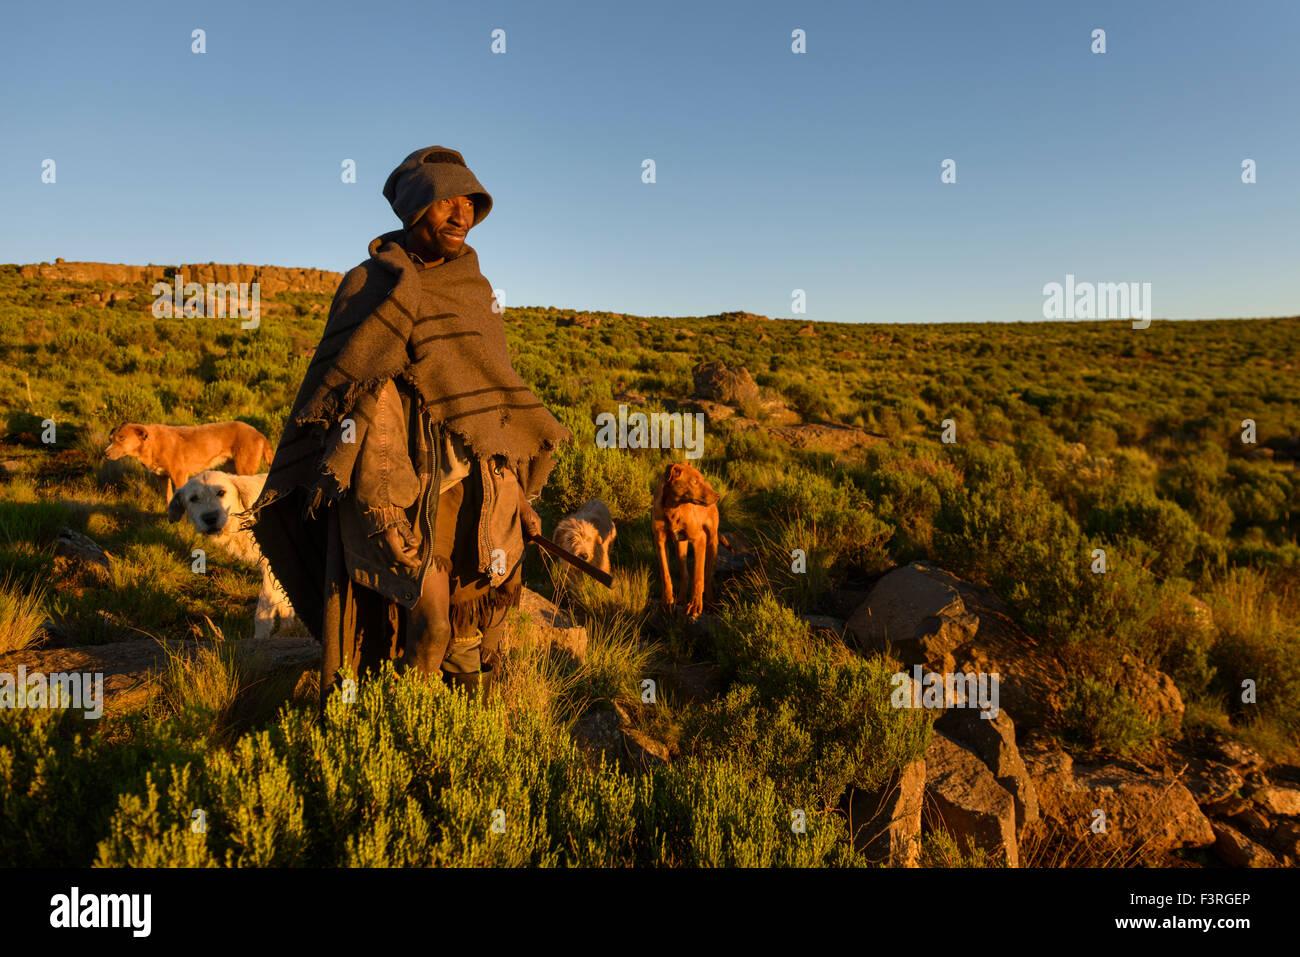 Basotho shepherd, Lesotho, Africa - Stock Image